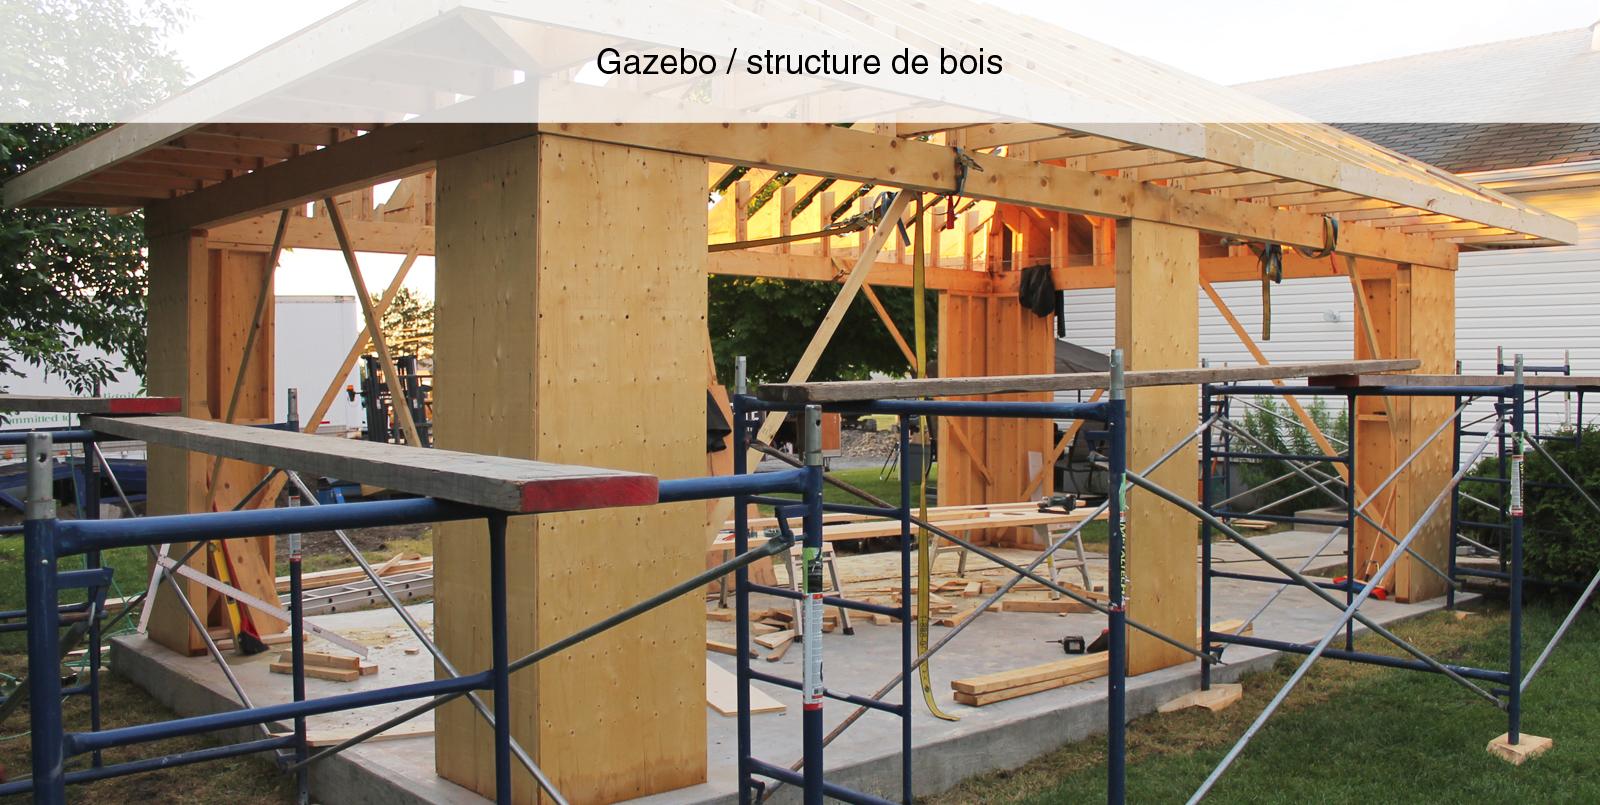 6-1-PANACHE-CONSTRUCTION-RENOVATION-GAZEBO-STRUCTURE-DE-BOIS